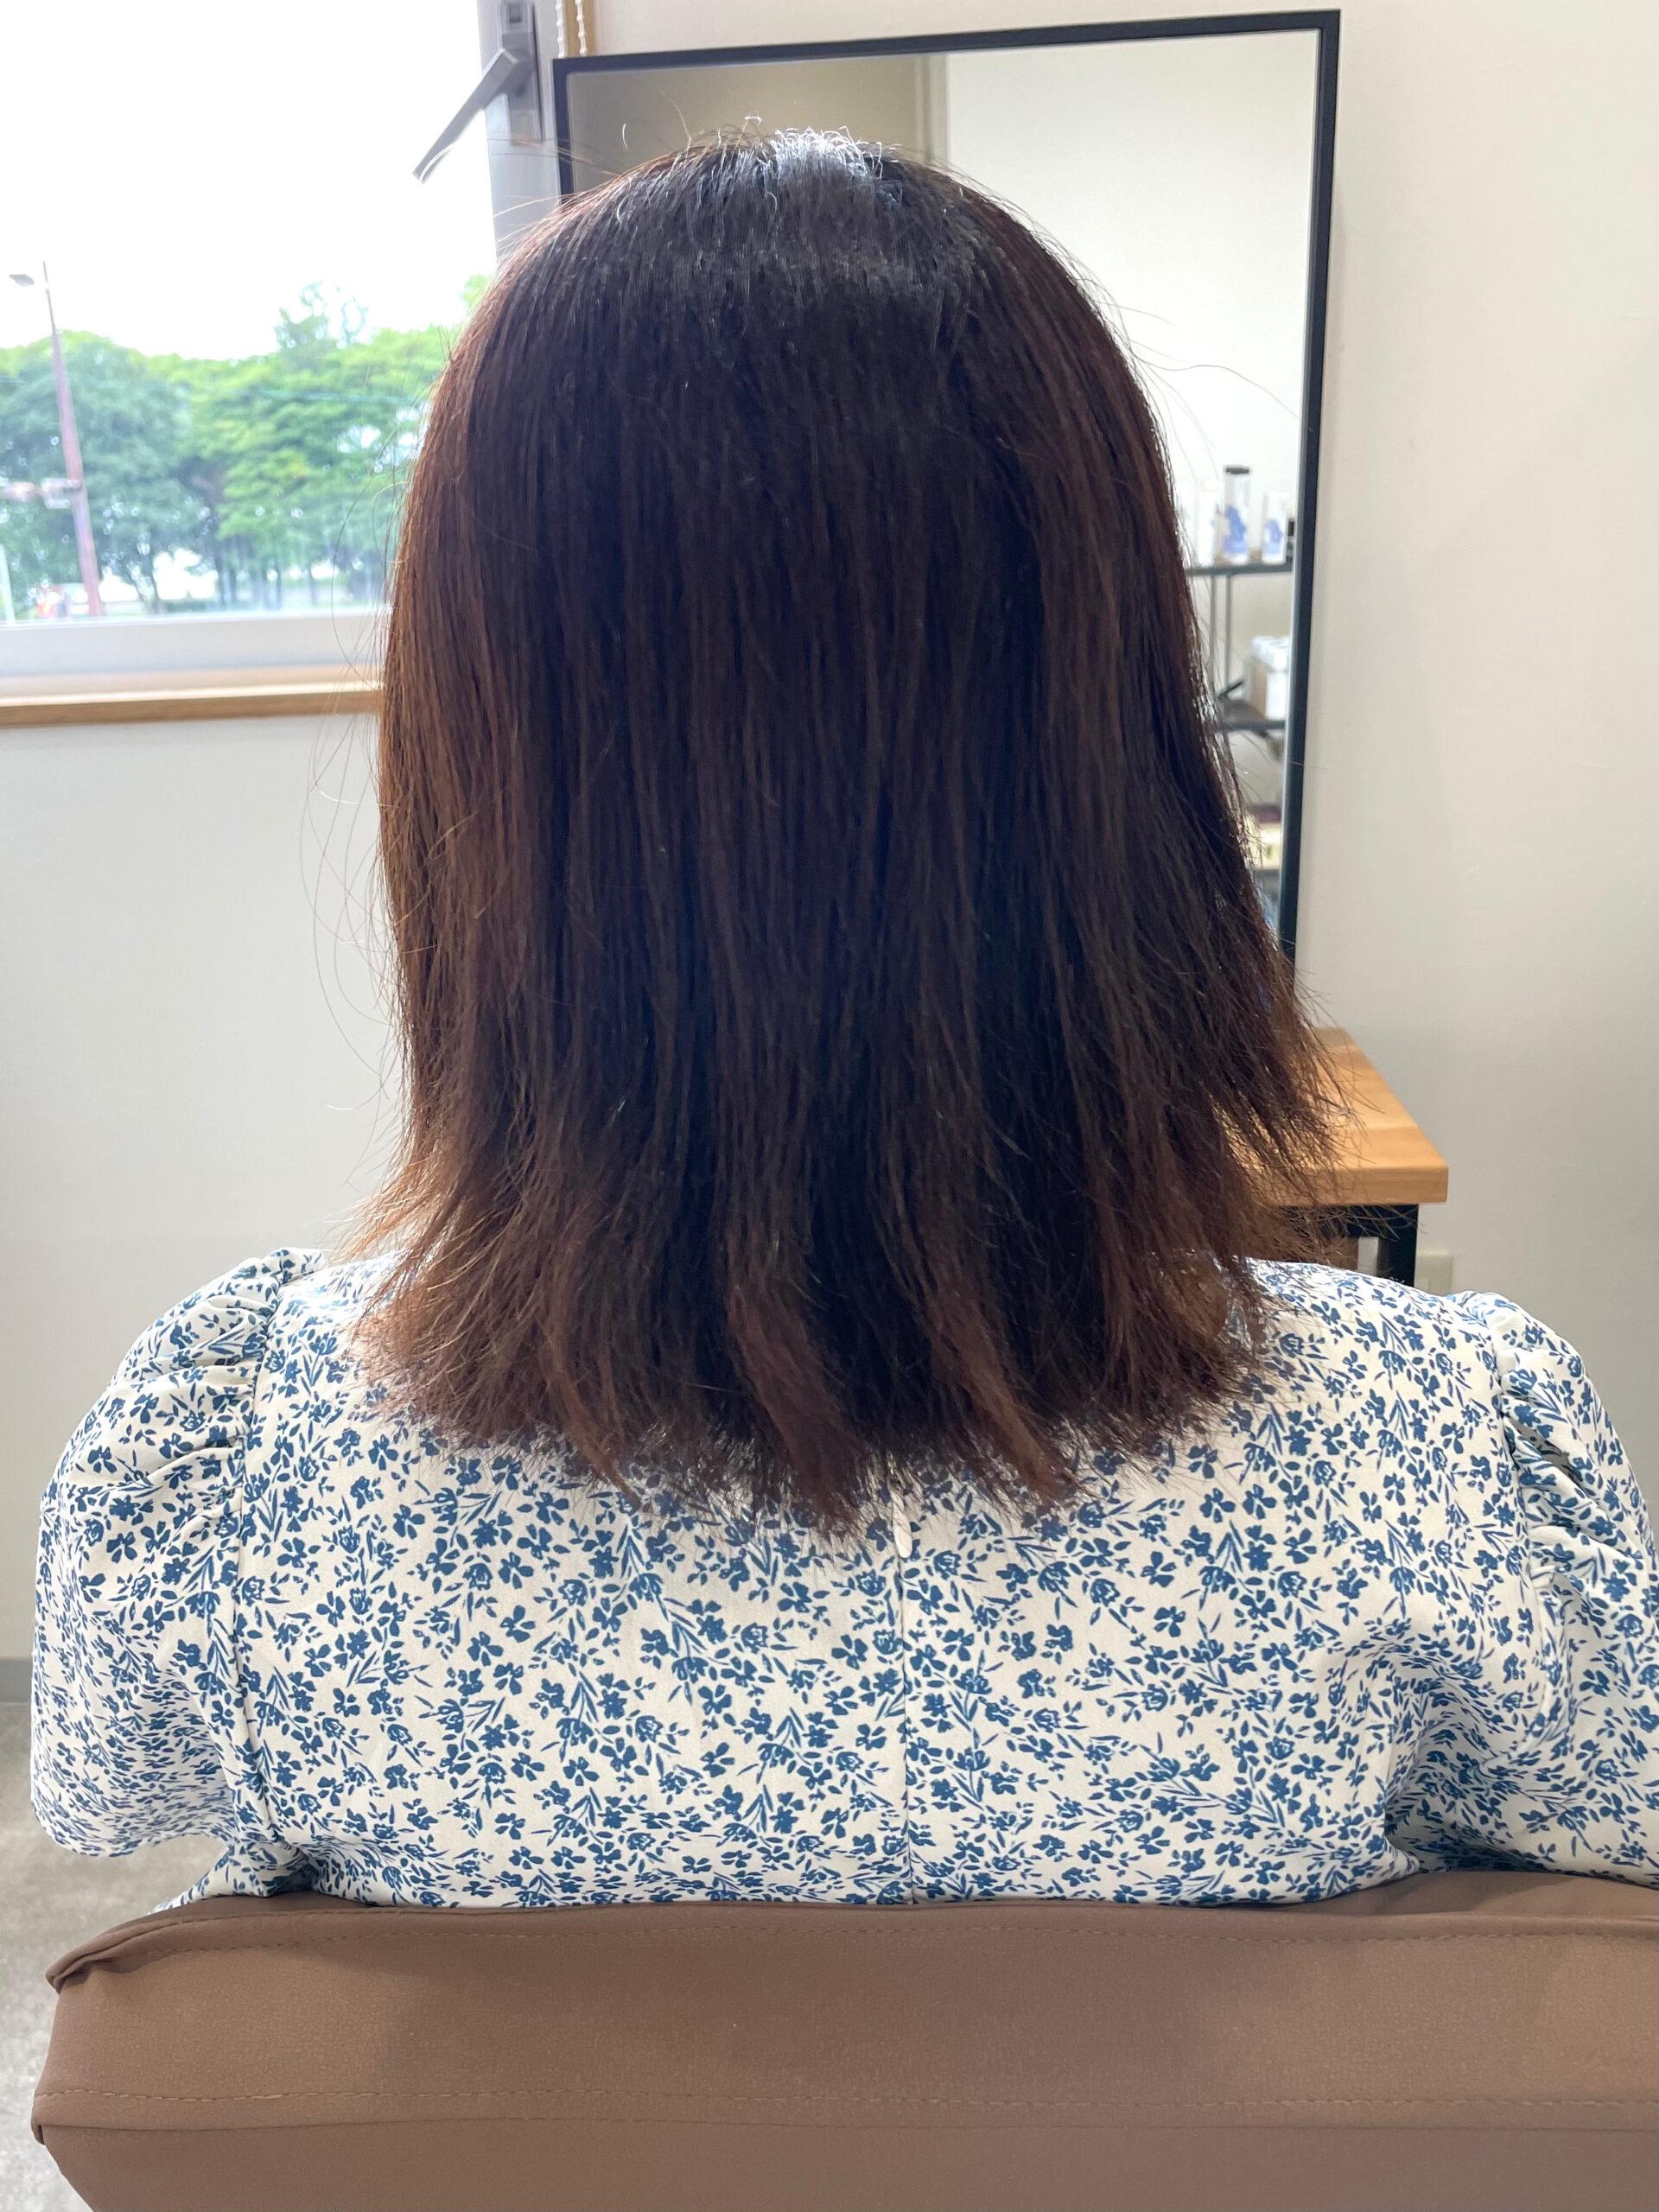 大分県別府市 弱酸性の縮毛矯正とトリートメントでダメージ毛も綺麗なストレートヘア ビフォー